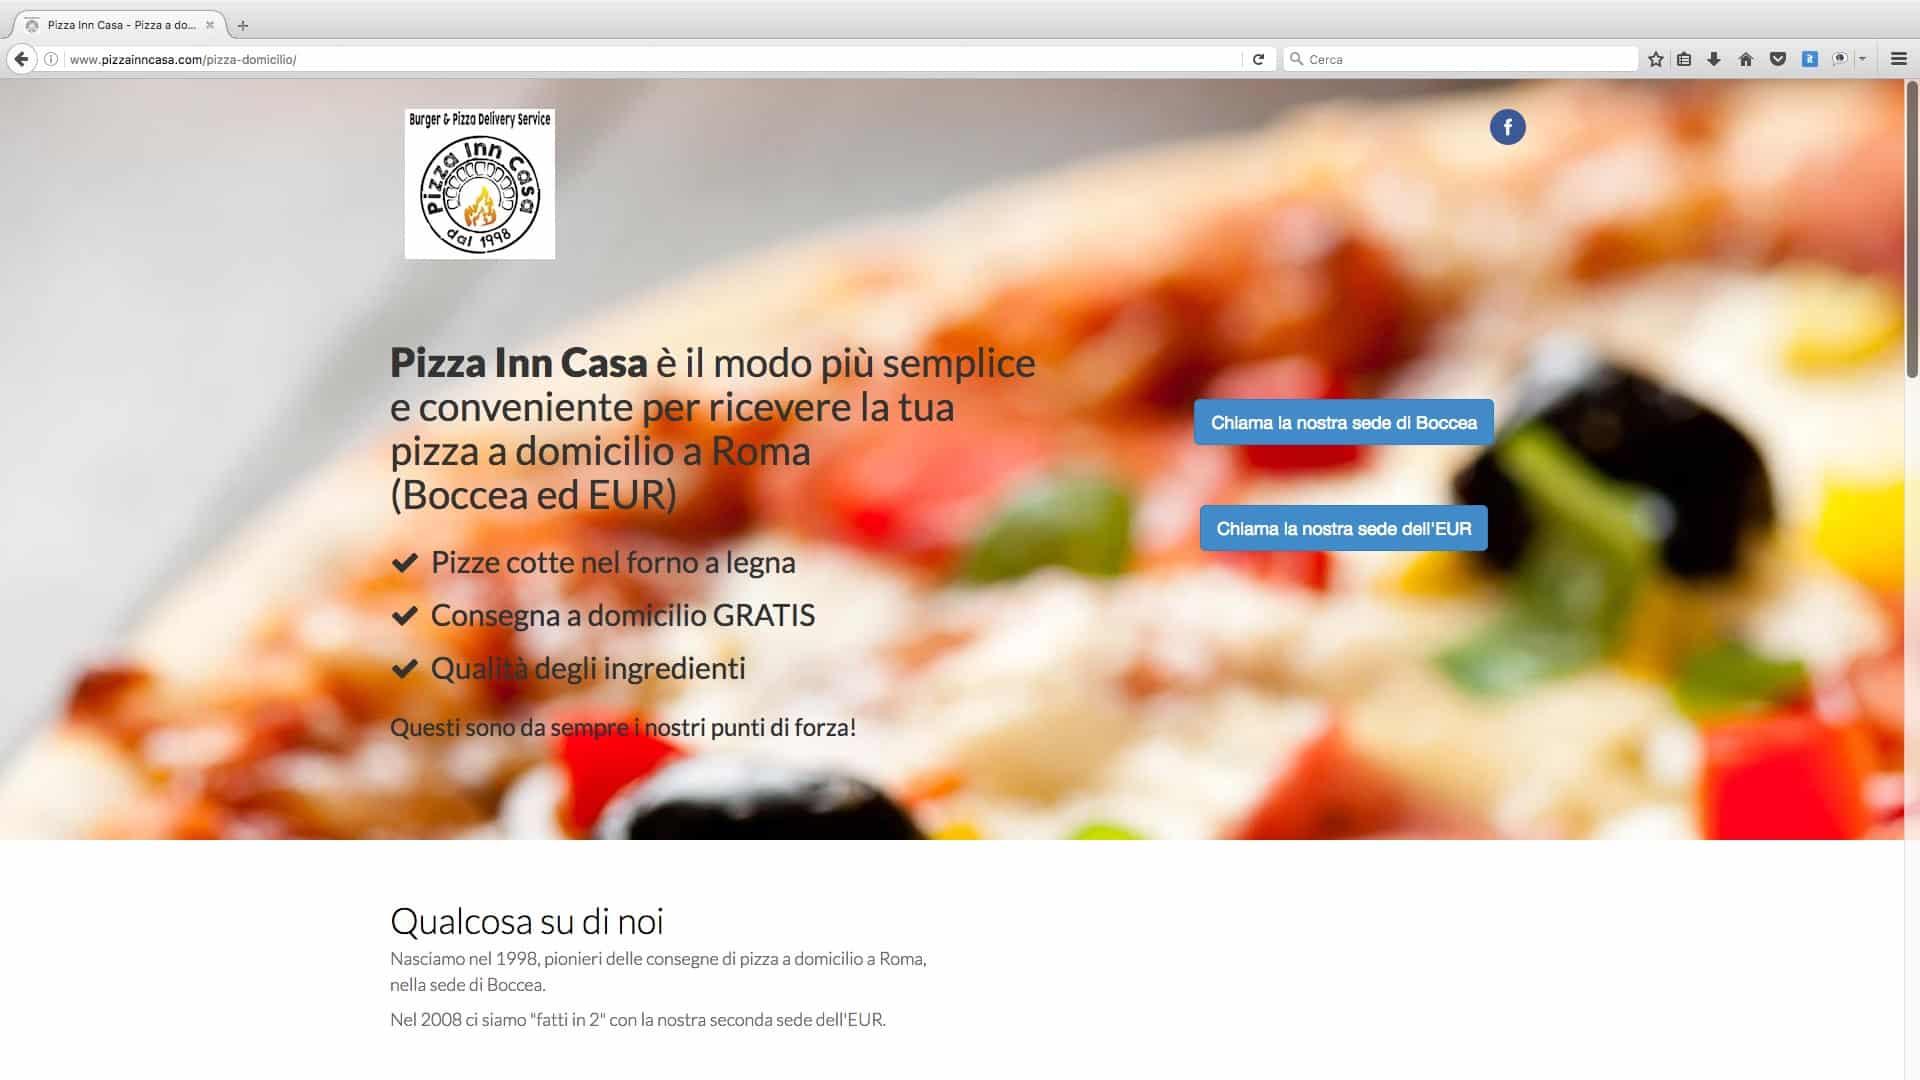 pizzainn